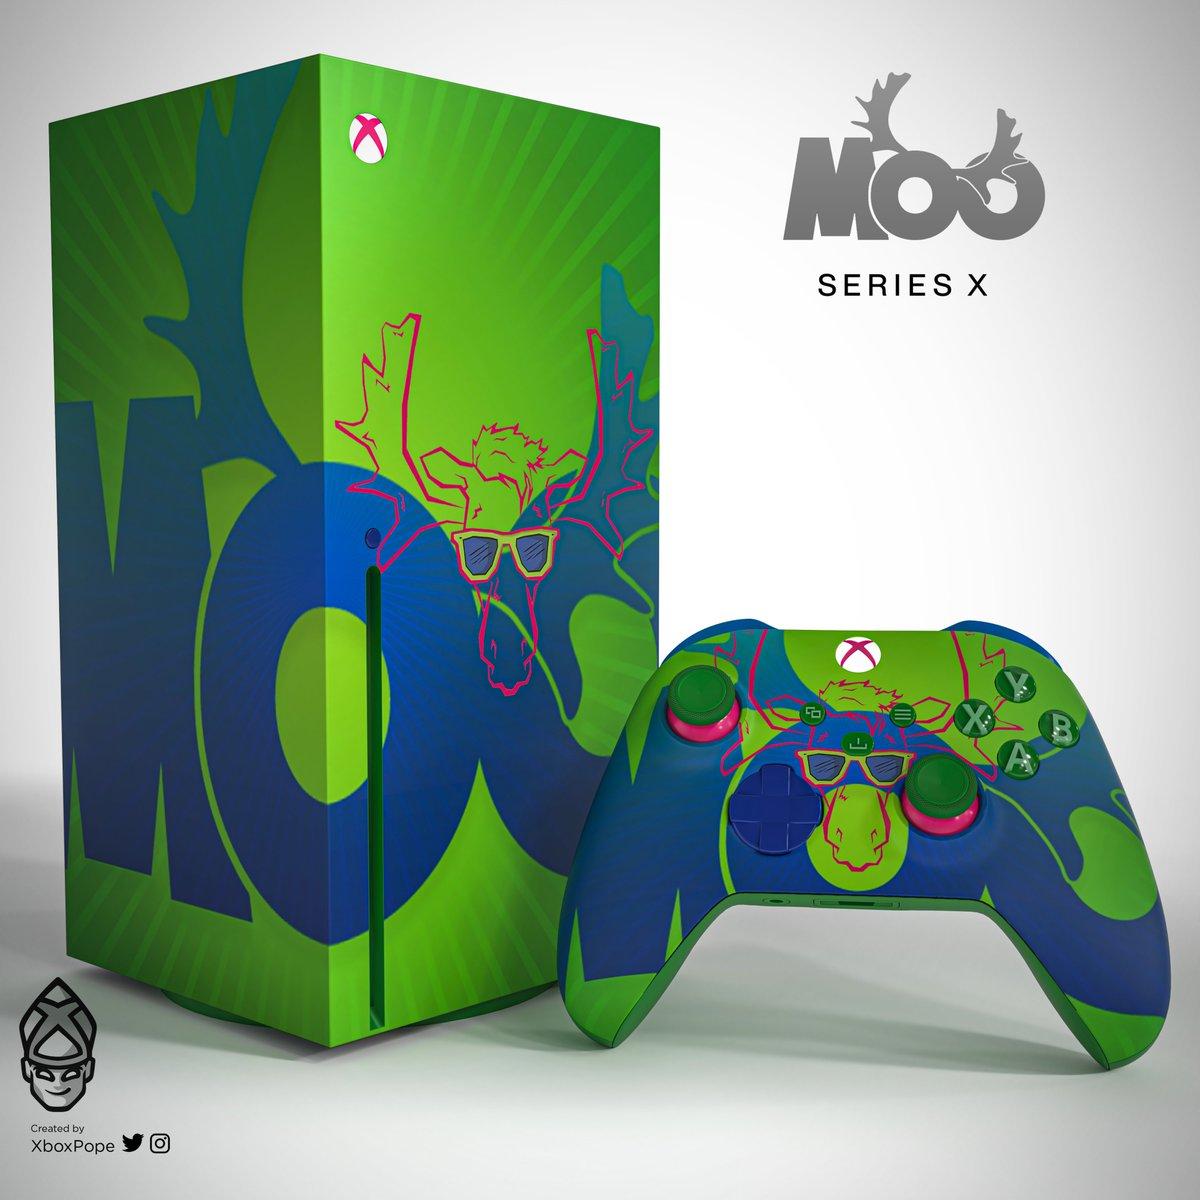 A little Xbox fan art fun for @MooSnuckel